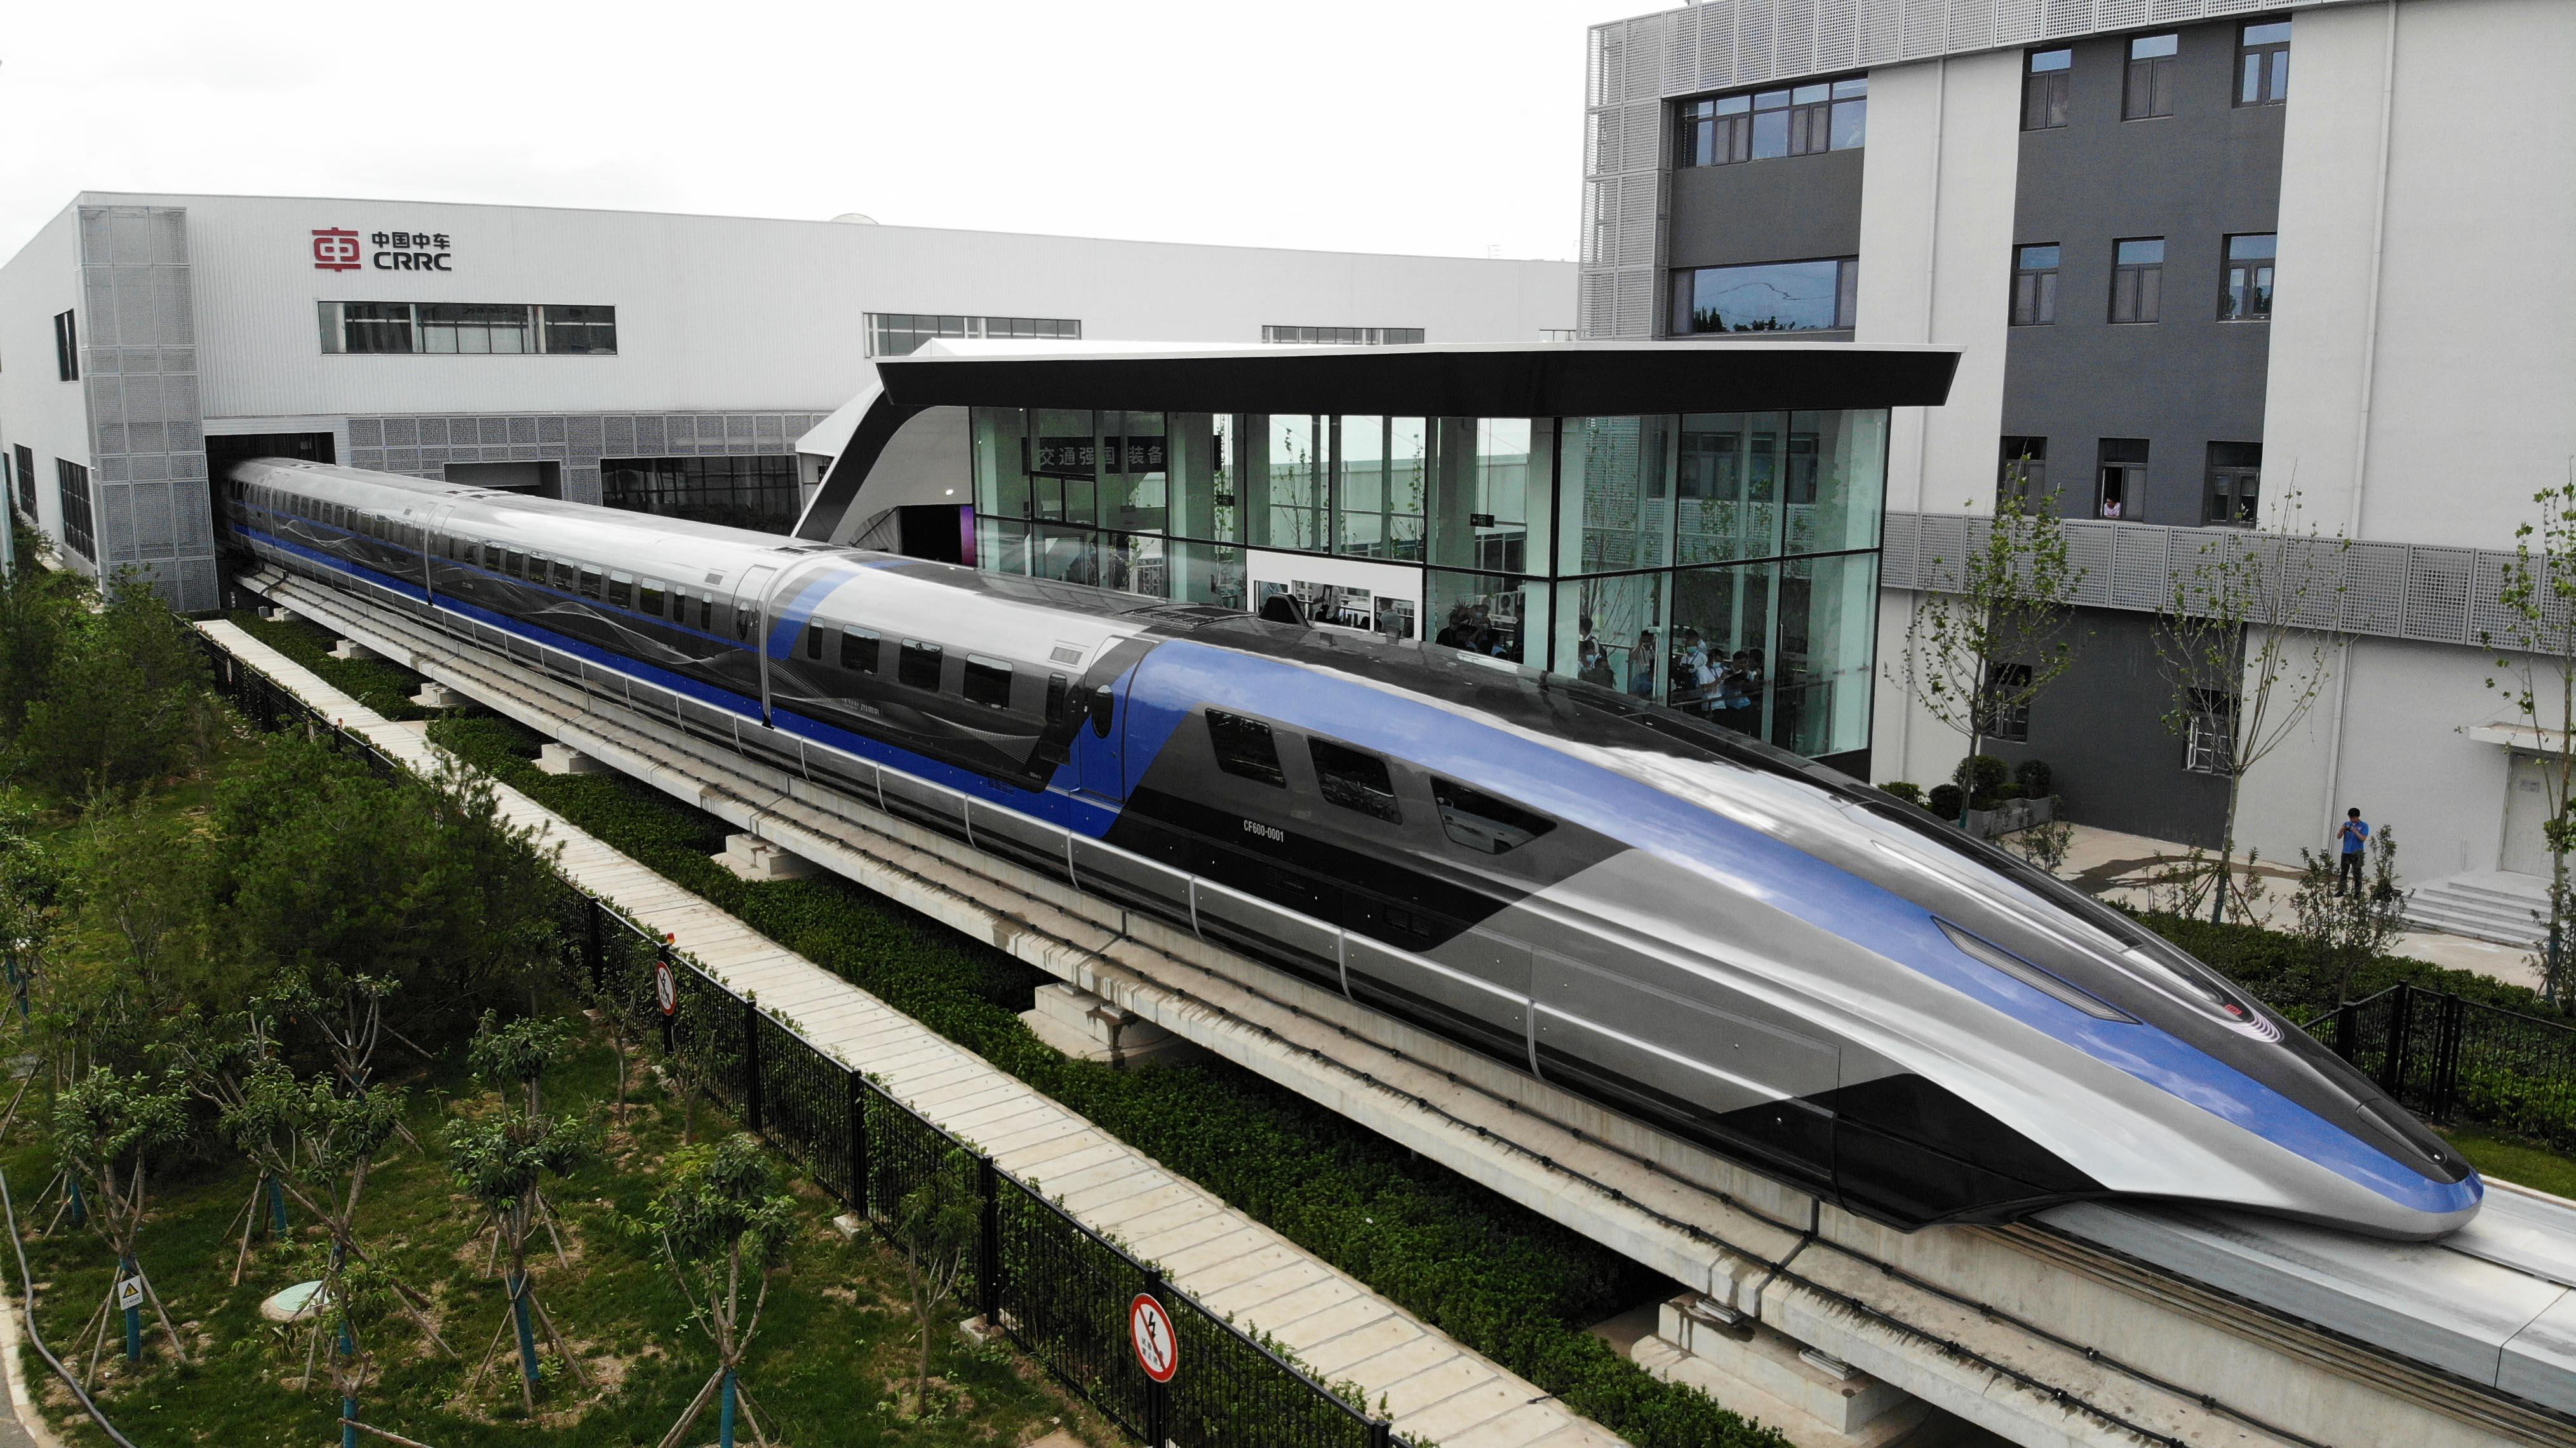 Kínában bemutatták a világ leggyorsabb vonatát